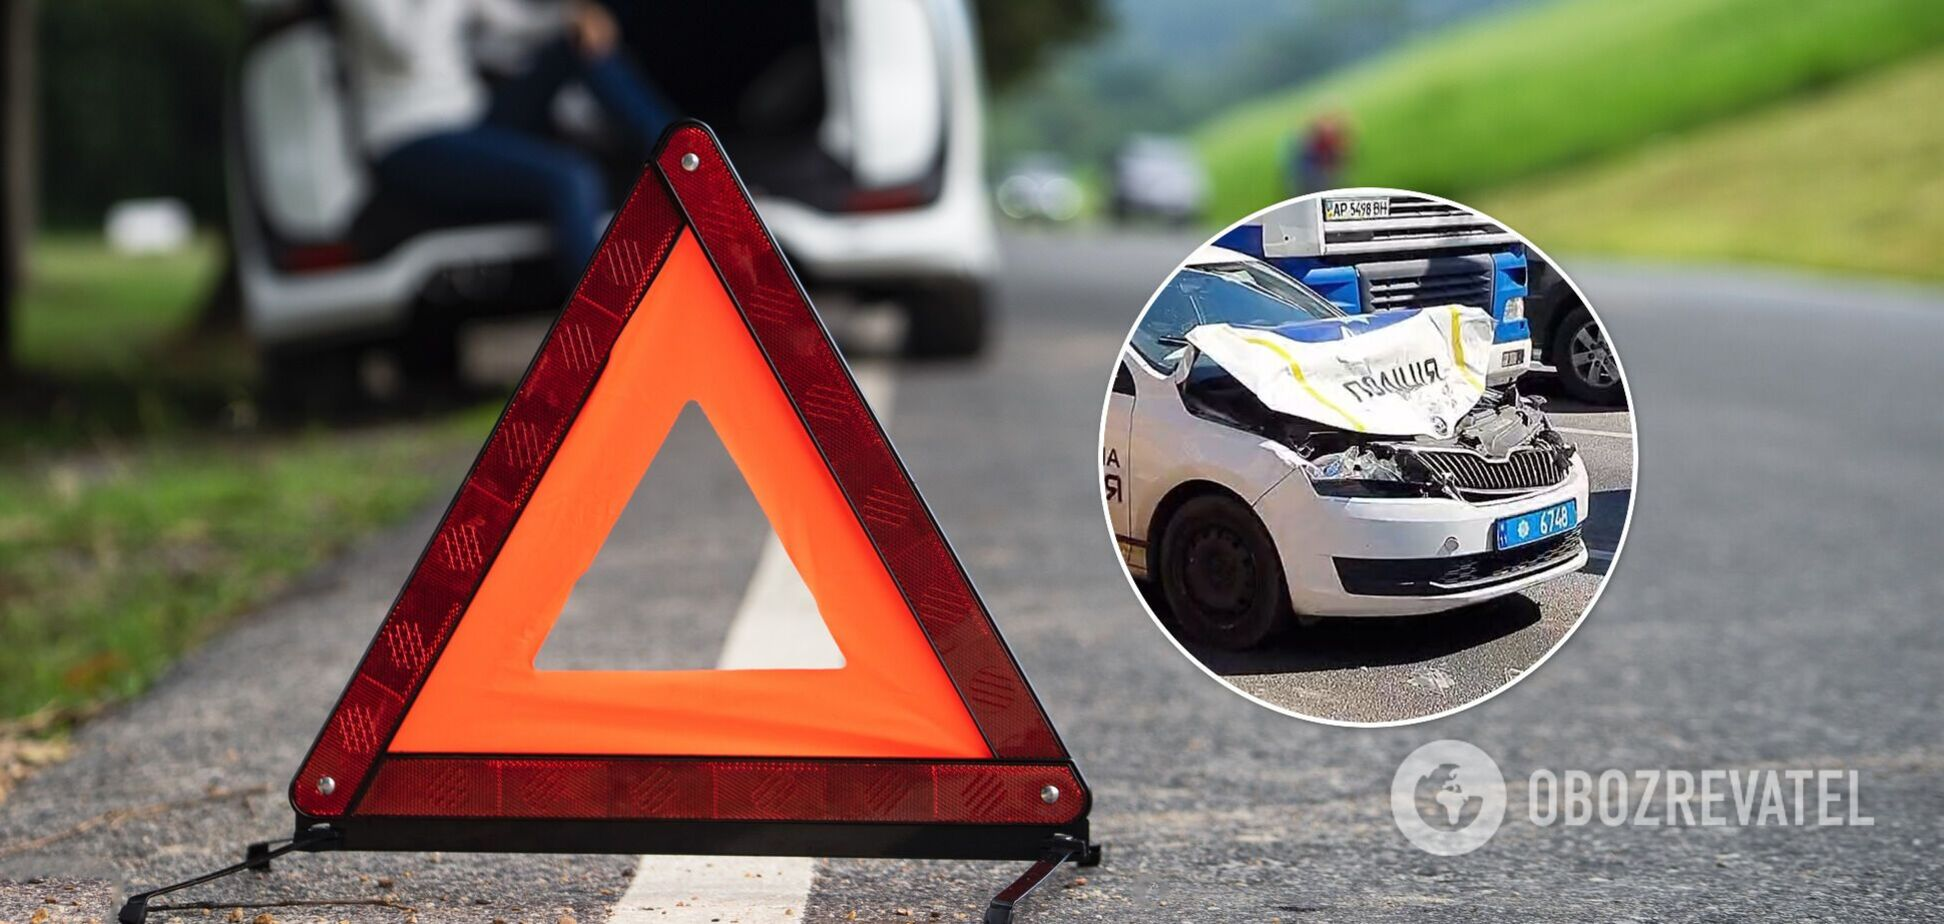 Обстоятельства аварии установит следствие